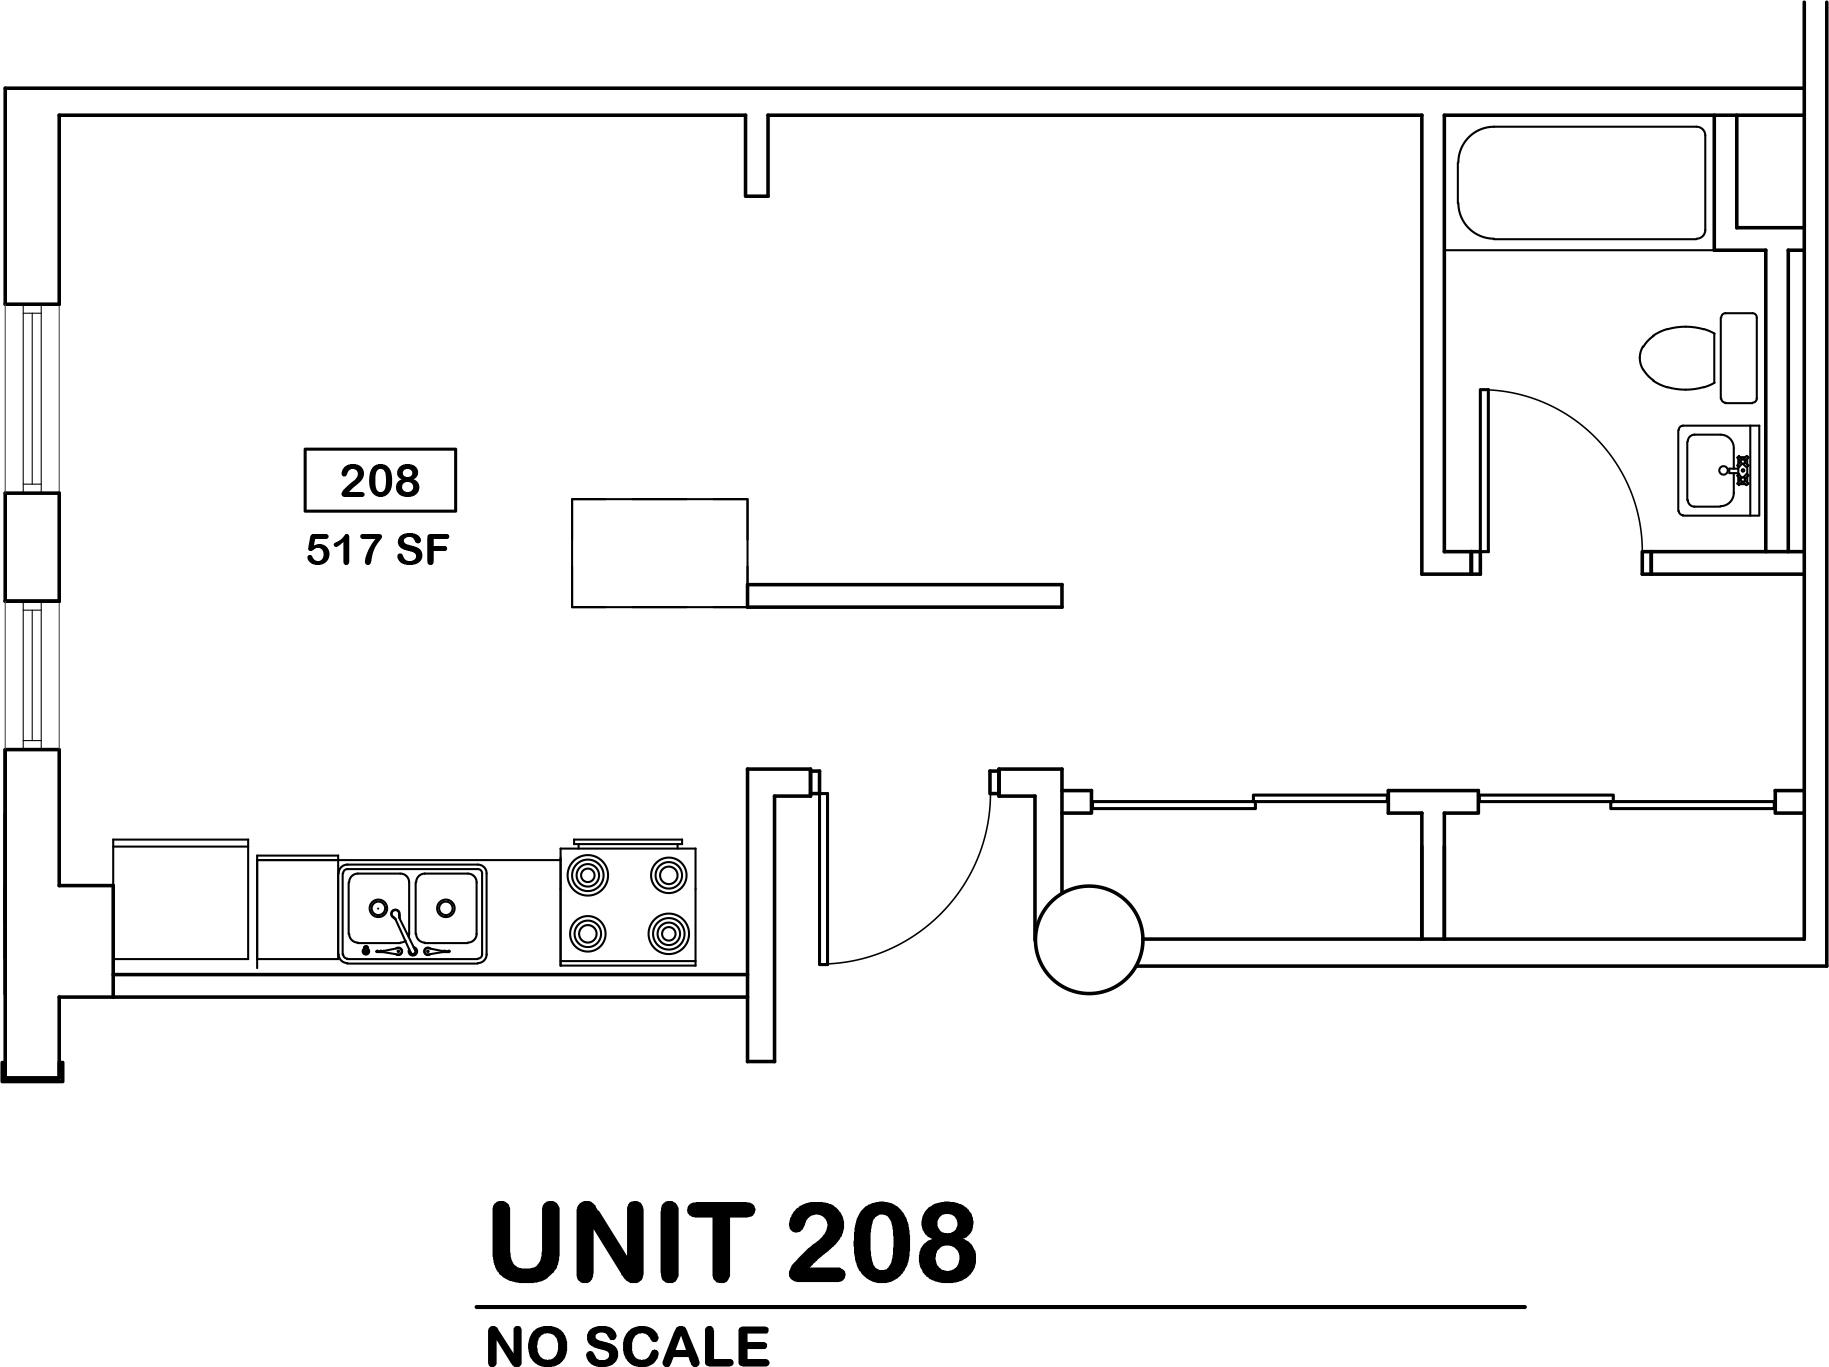 1 bed / 1 bath   $650 / 517 sq ft